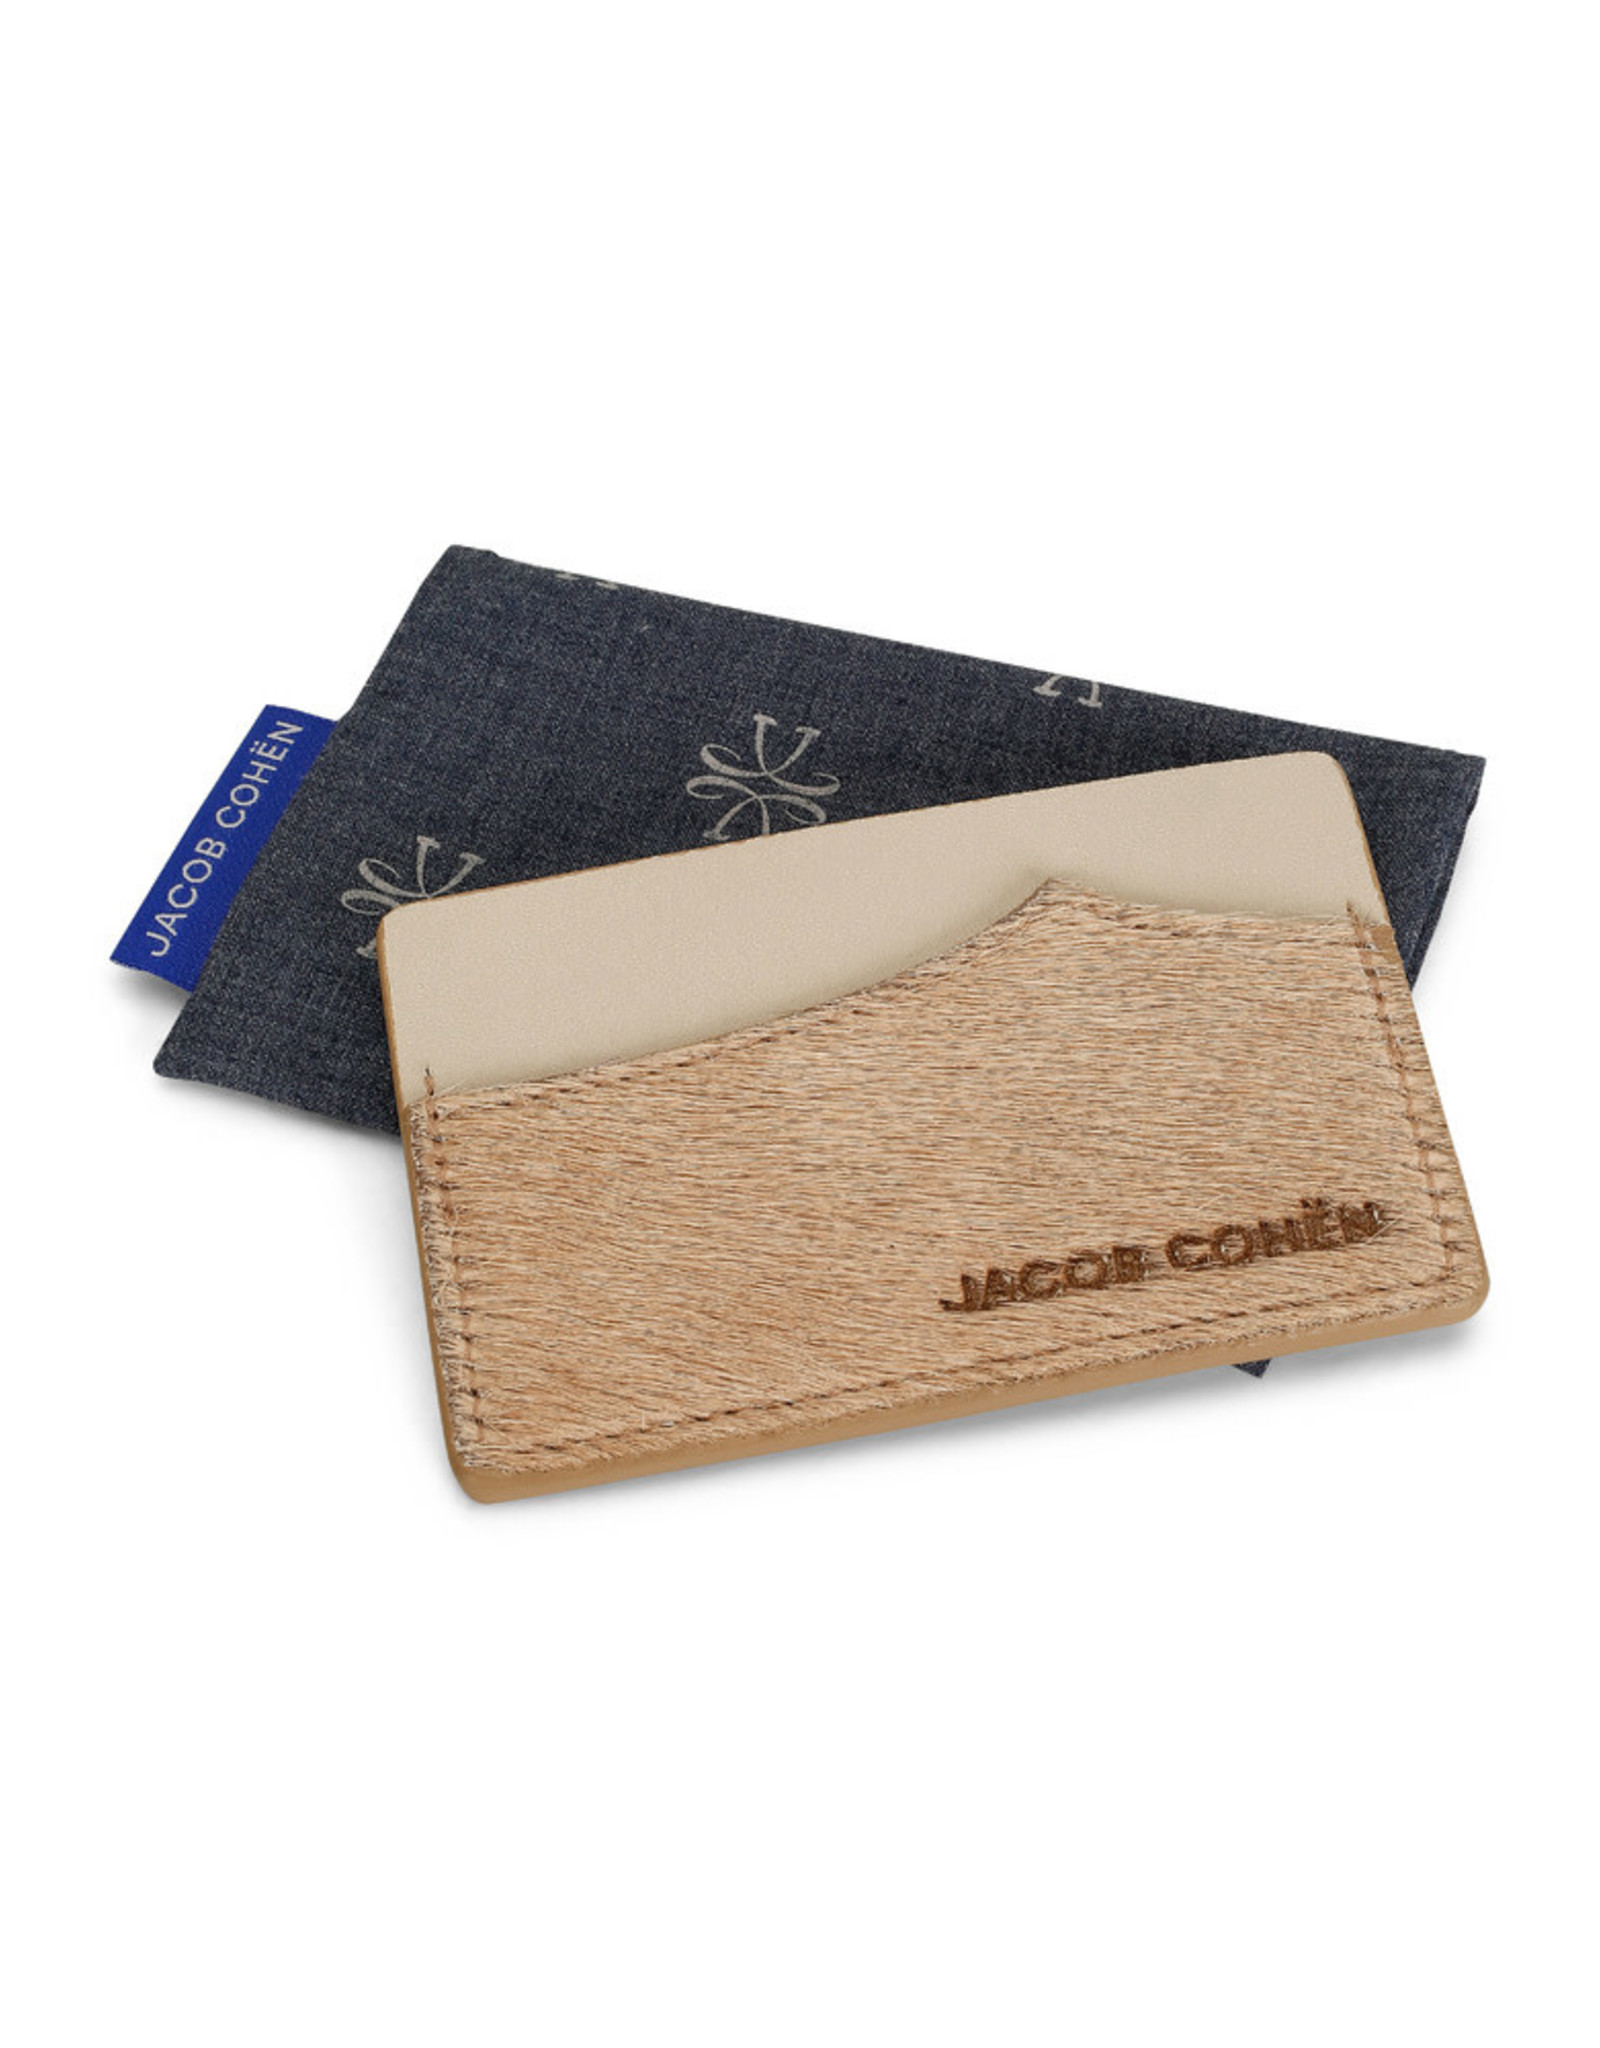 JACOB COHEN JACOB COHEN Card holder BEIGE